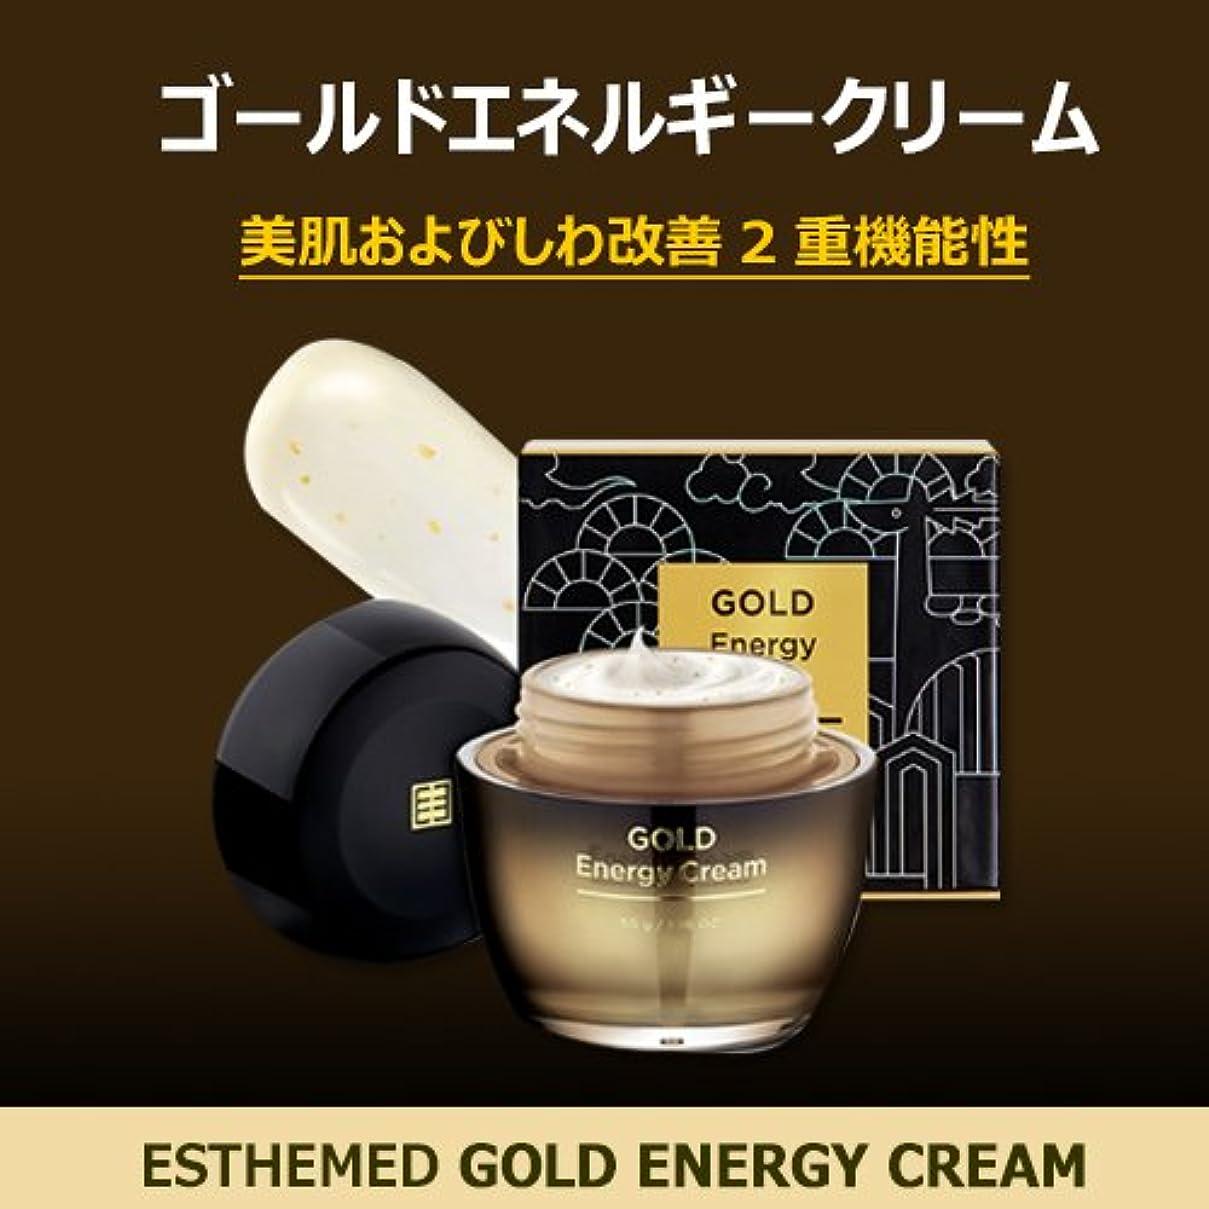 生理満了議会ESTHEMED エステメド ゴールド エネルギー クリーム GOLD Energy Cream 50g 【 シワ改善 美肌 保湿 回復 韓国コスメ 】